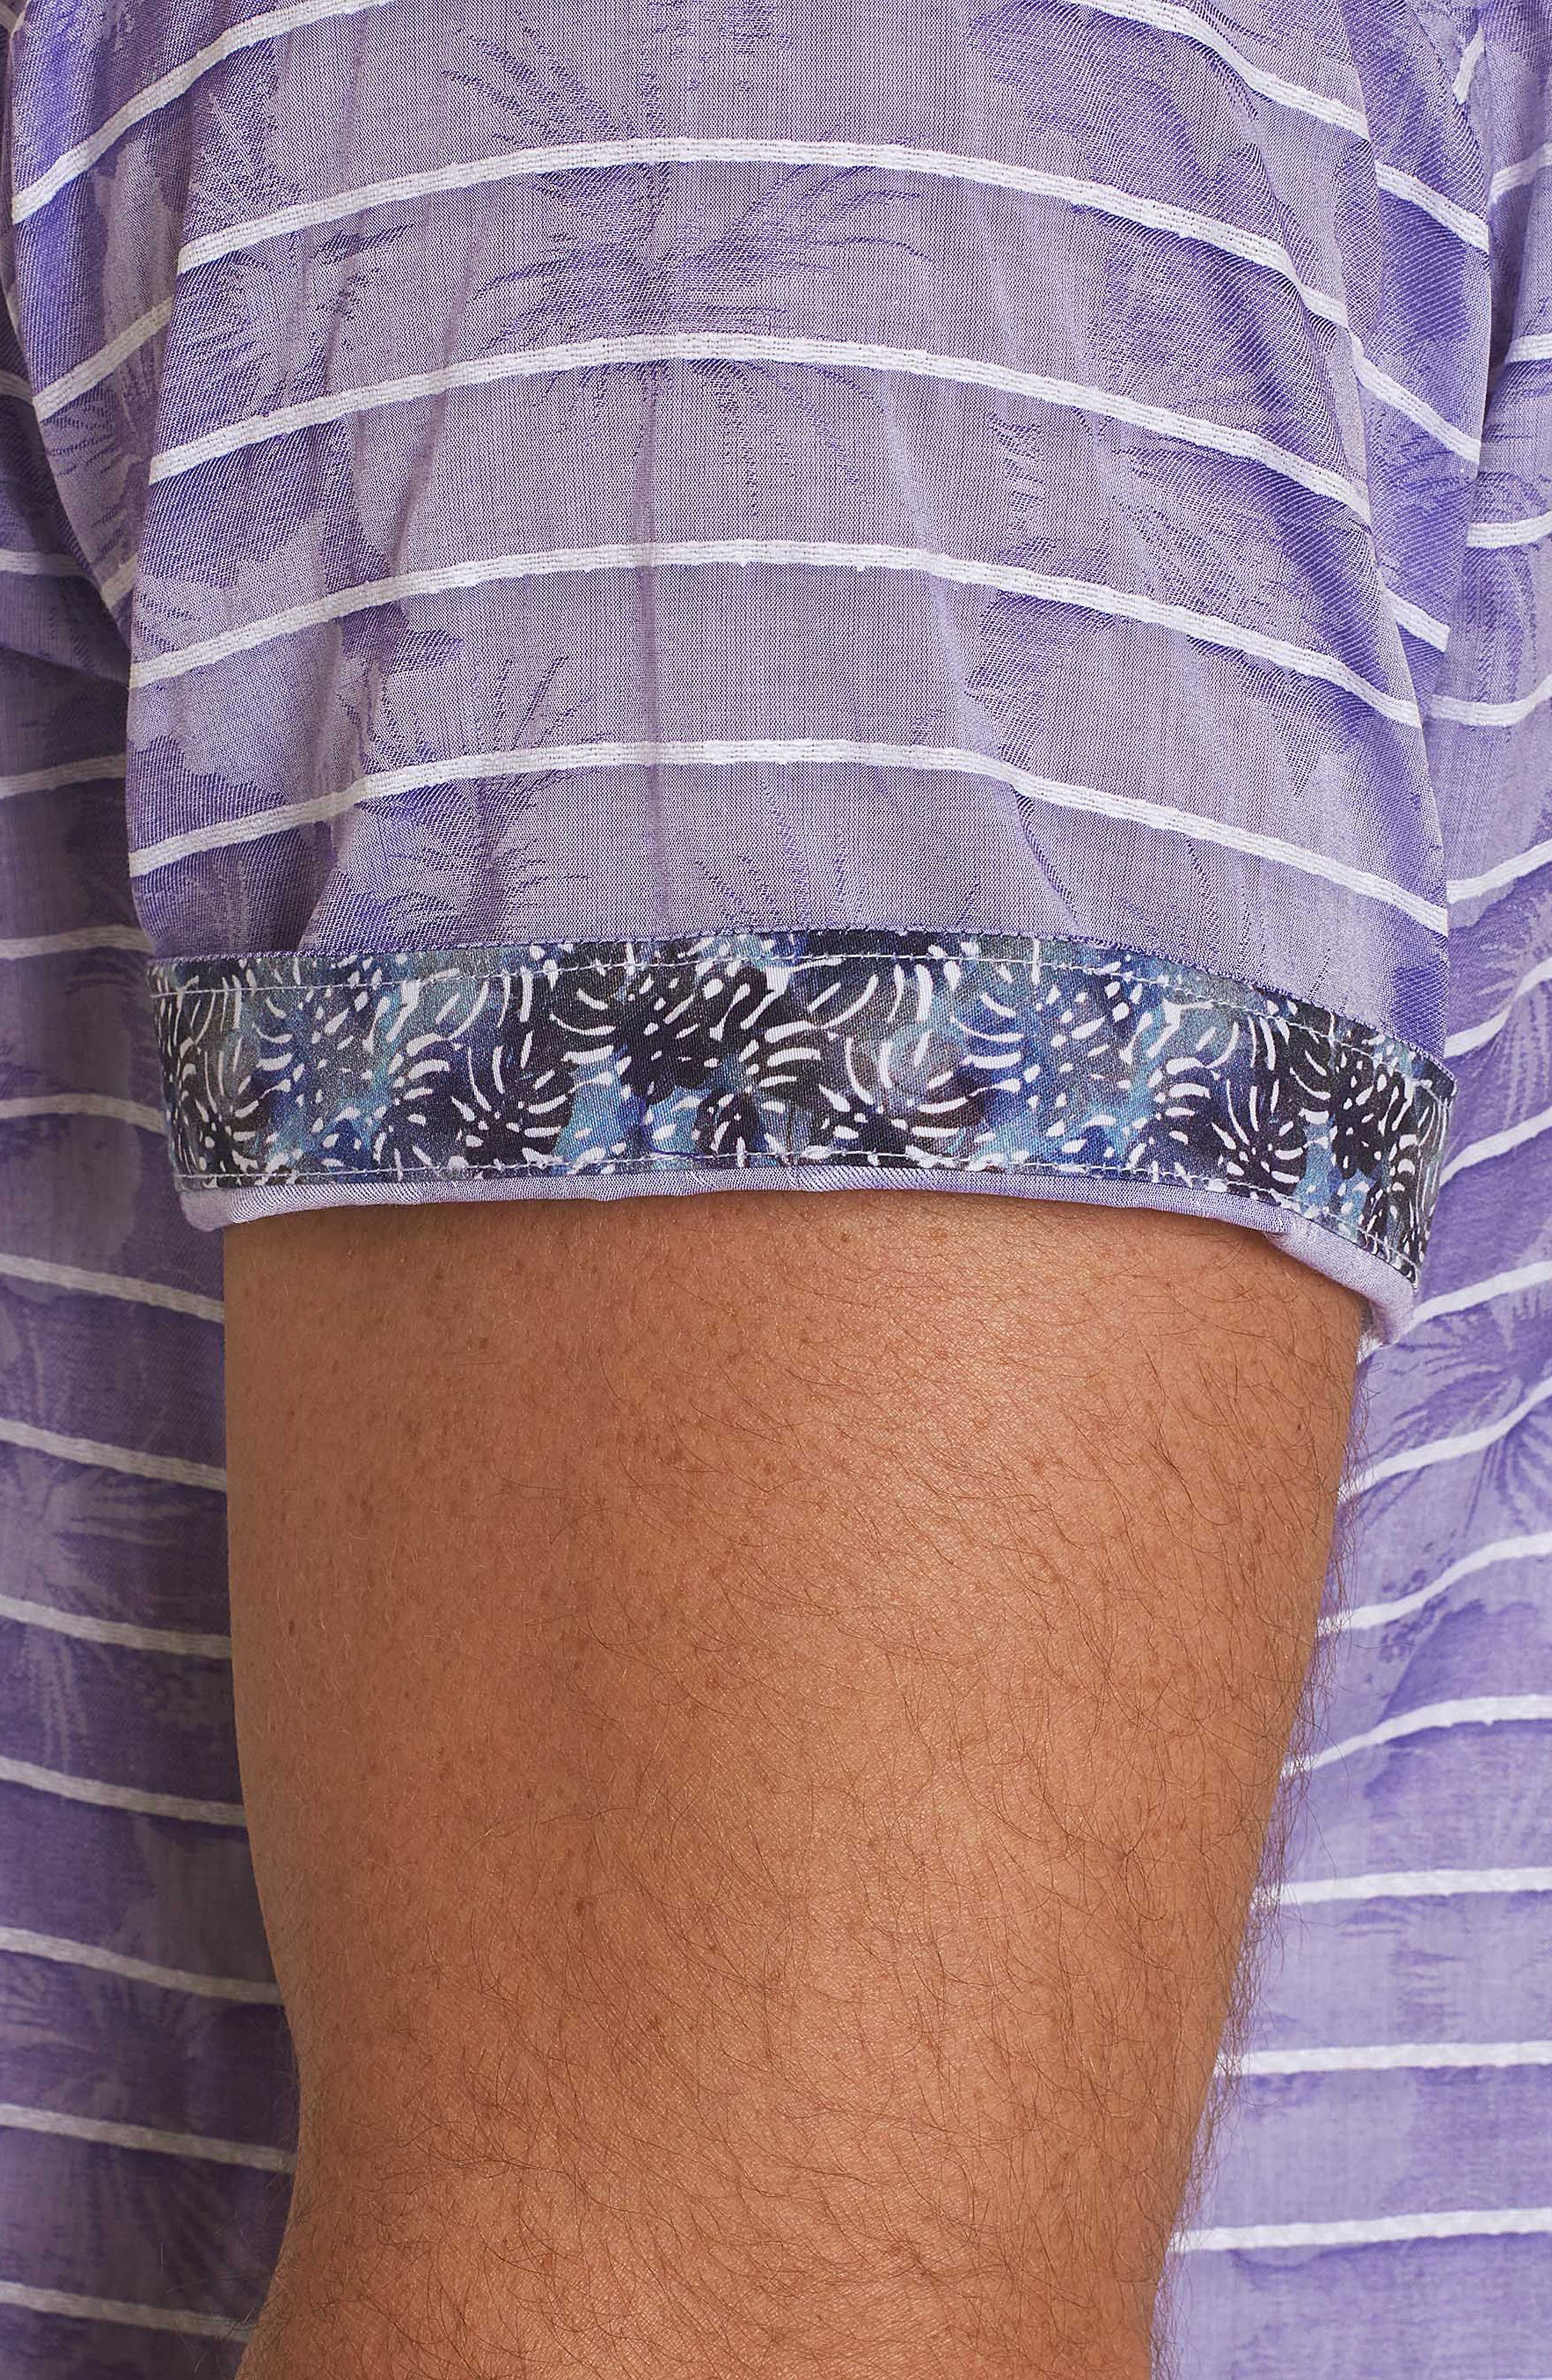 Avenida Classic Fit Jacquard Sport Shirt,                             Alternate thumbnail 6, color,                             510